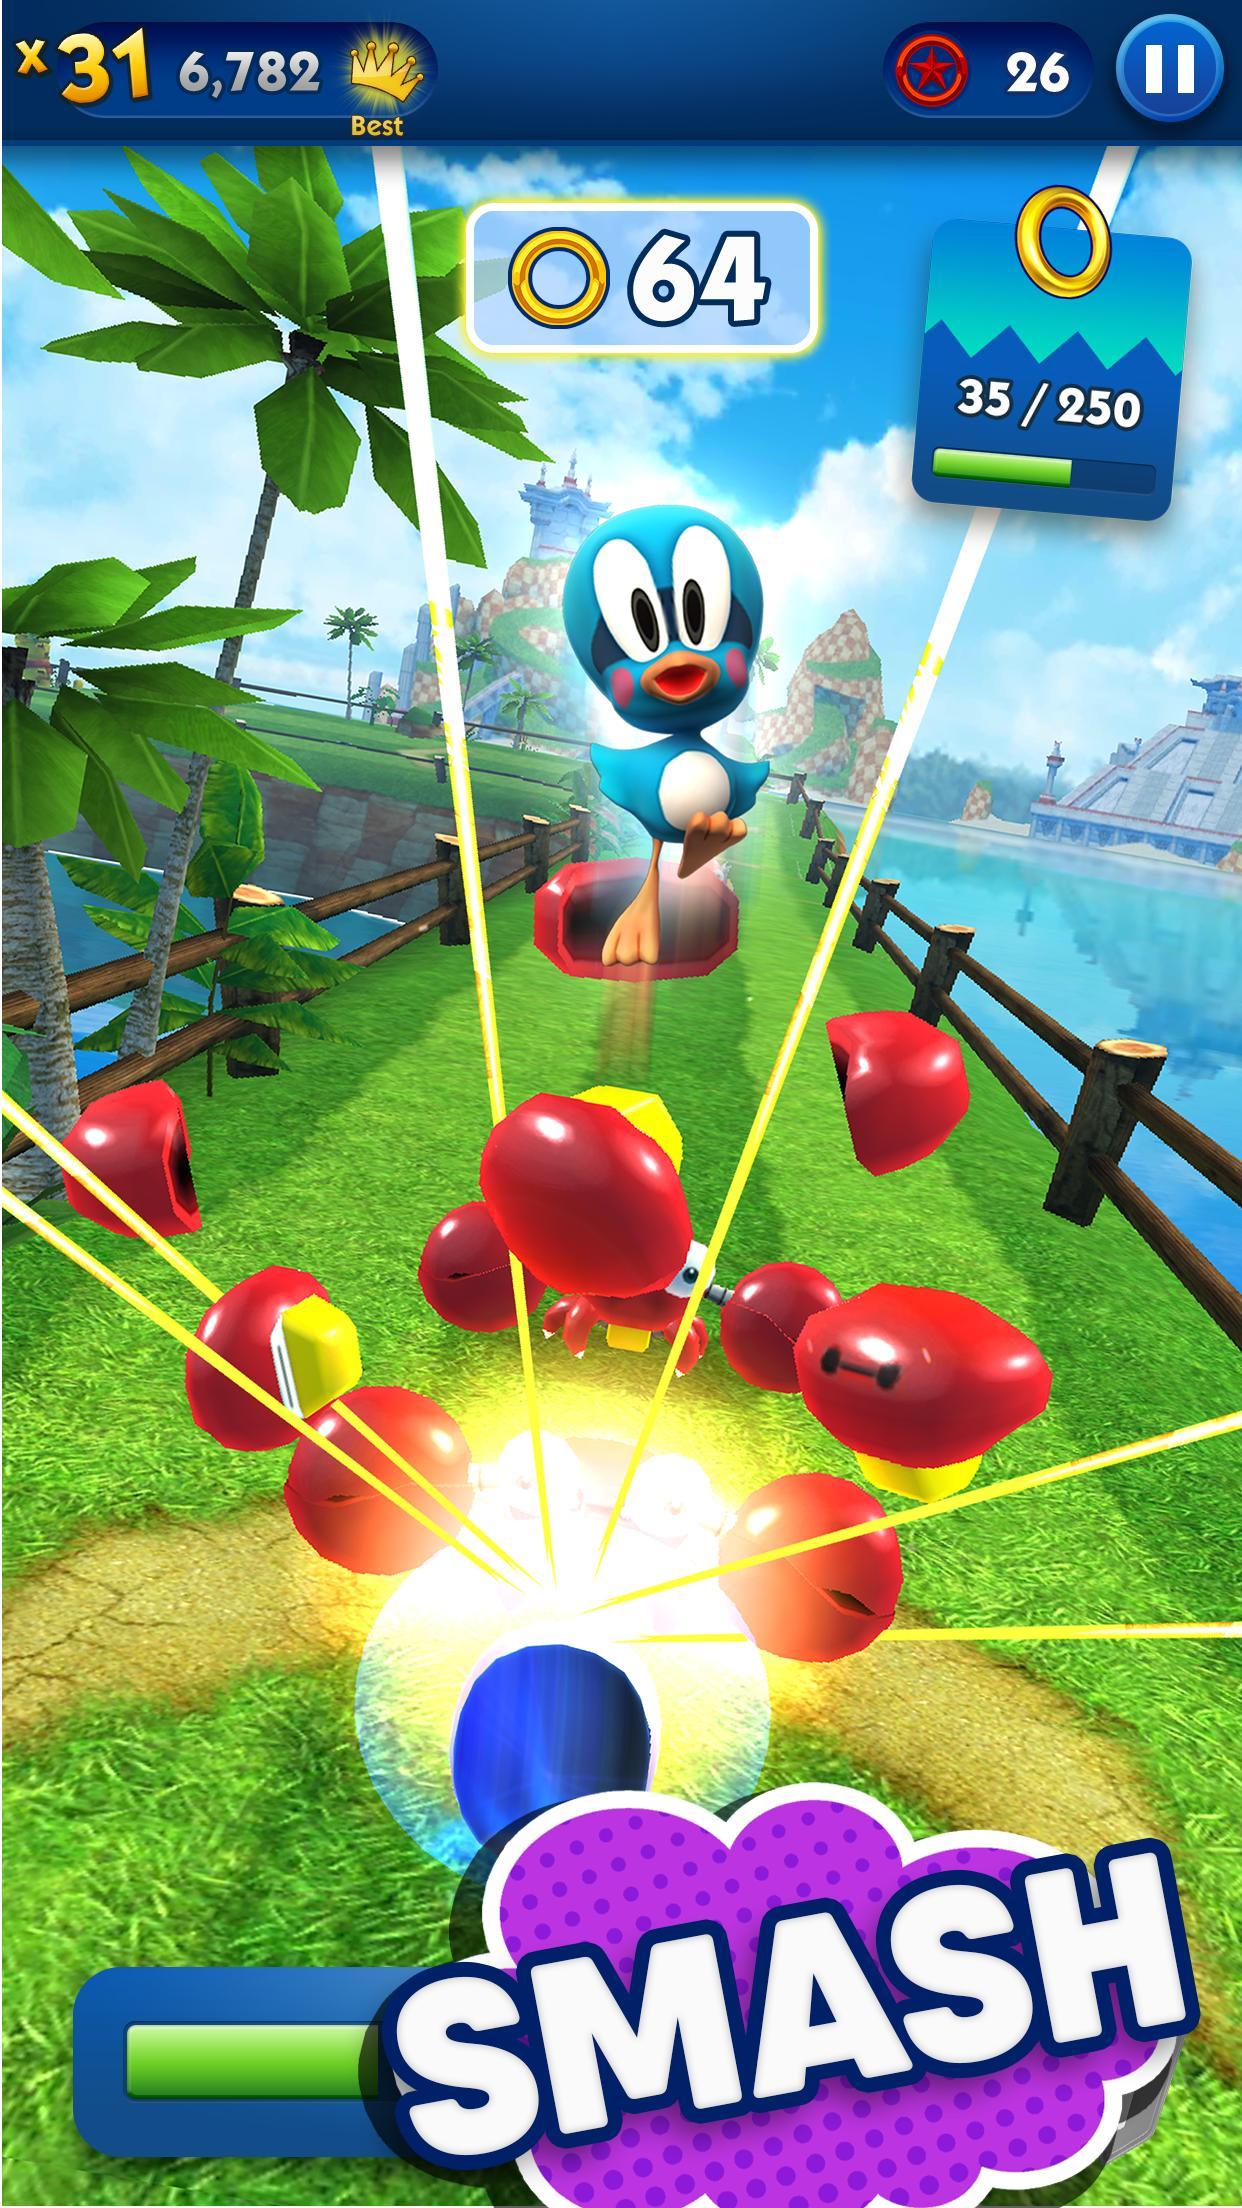 Sonic Dash - Endless Running & Racing Game 4.14.0 Screenshot 12